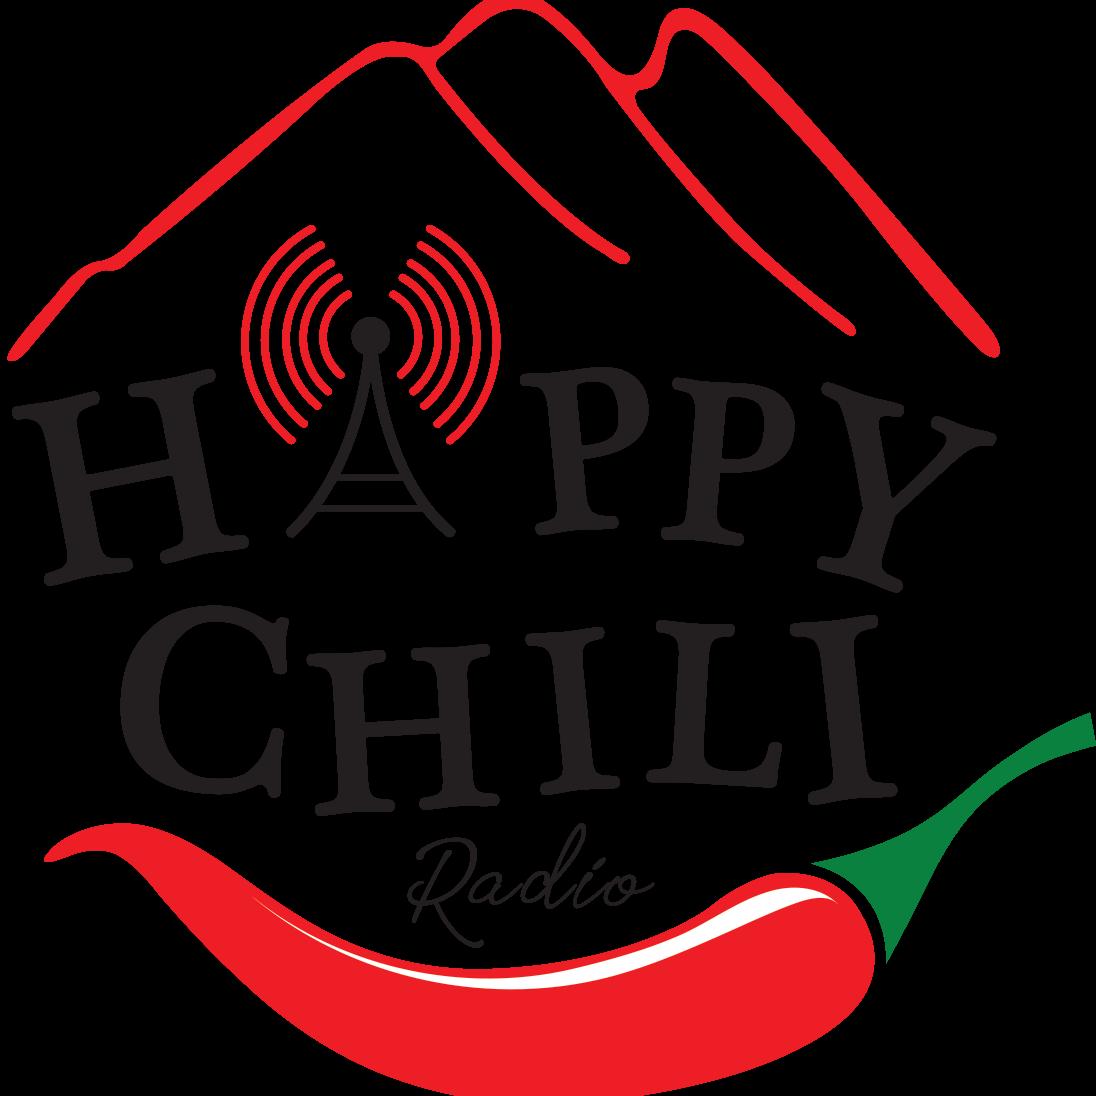 Happy Chili Radio